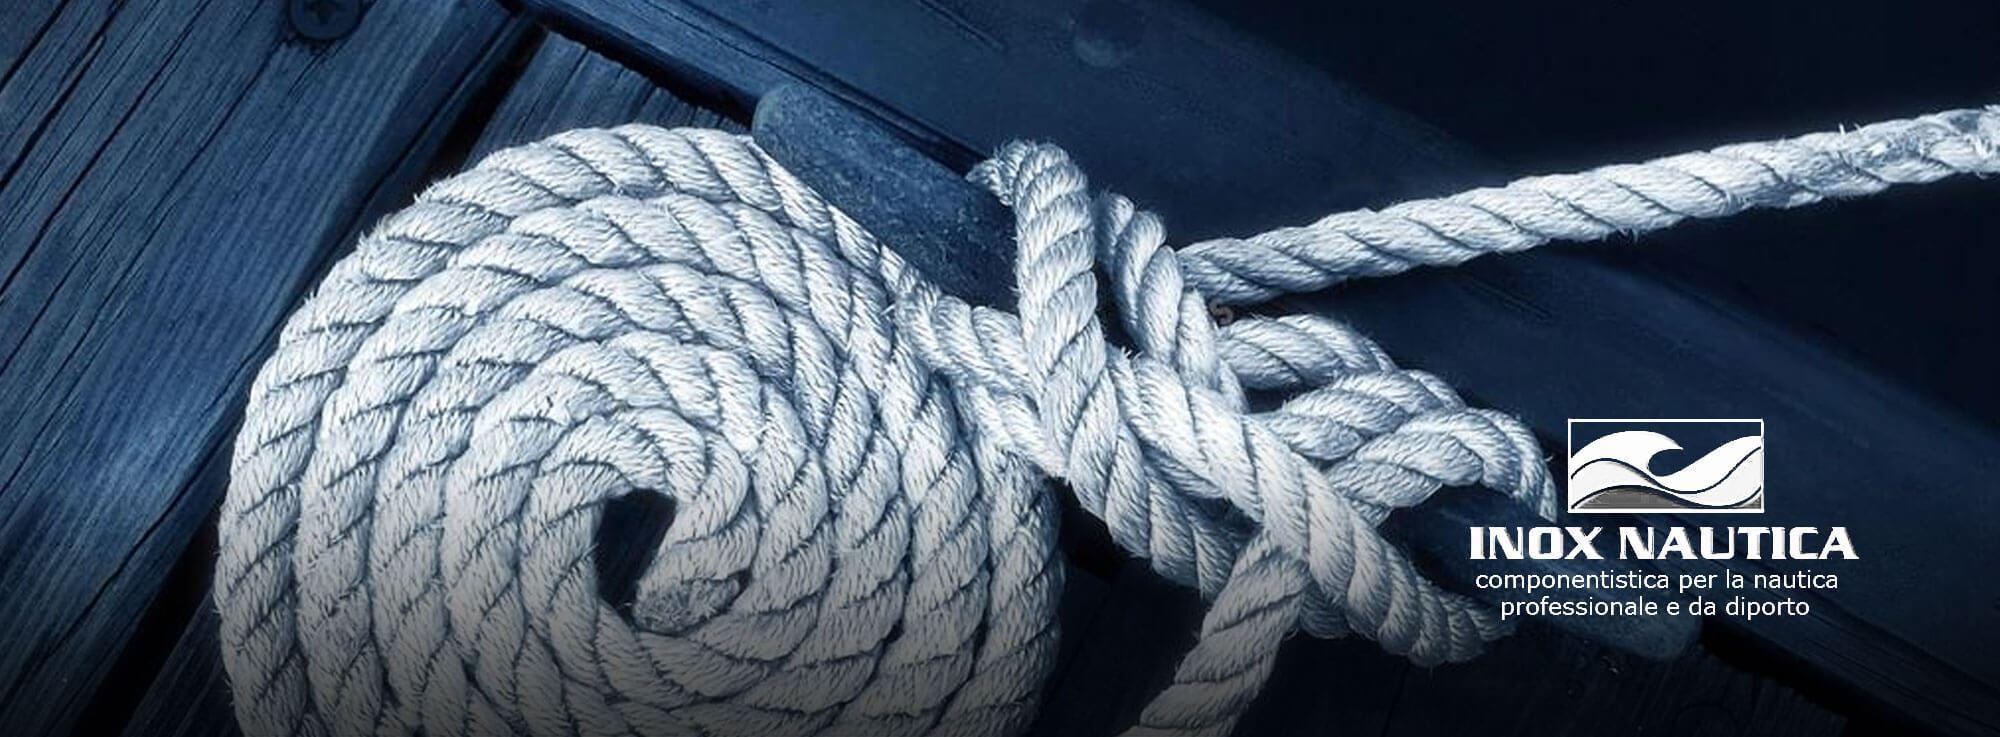 Inox Nautica Barletta